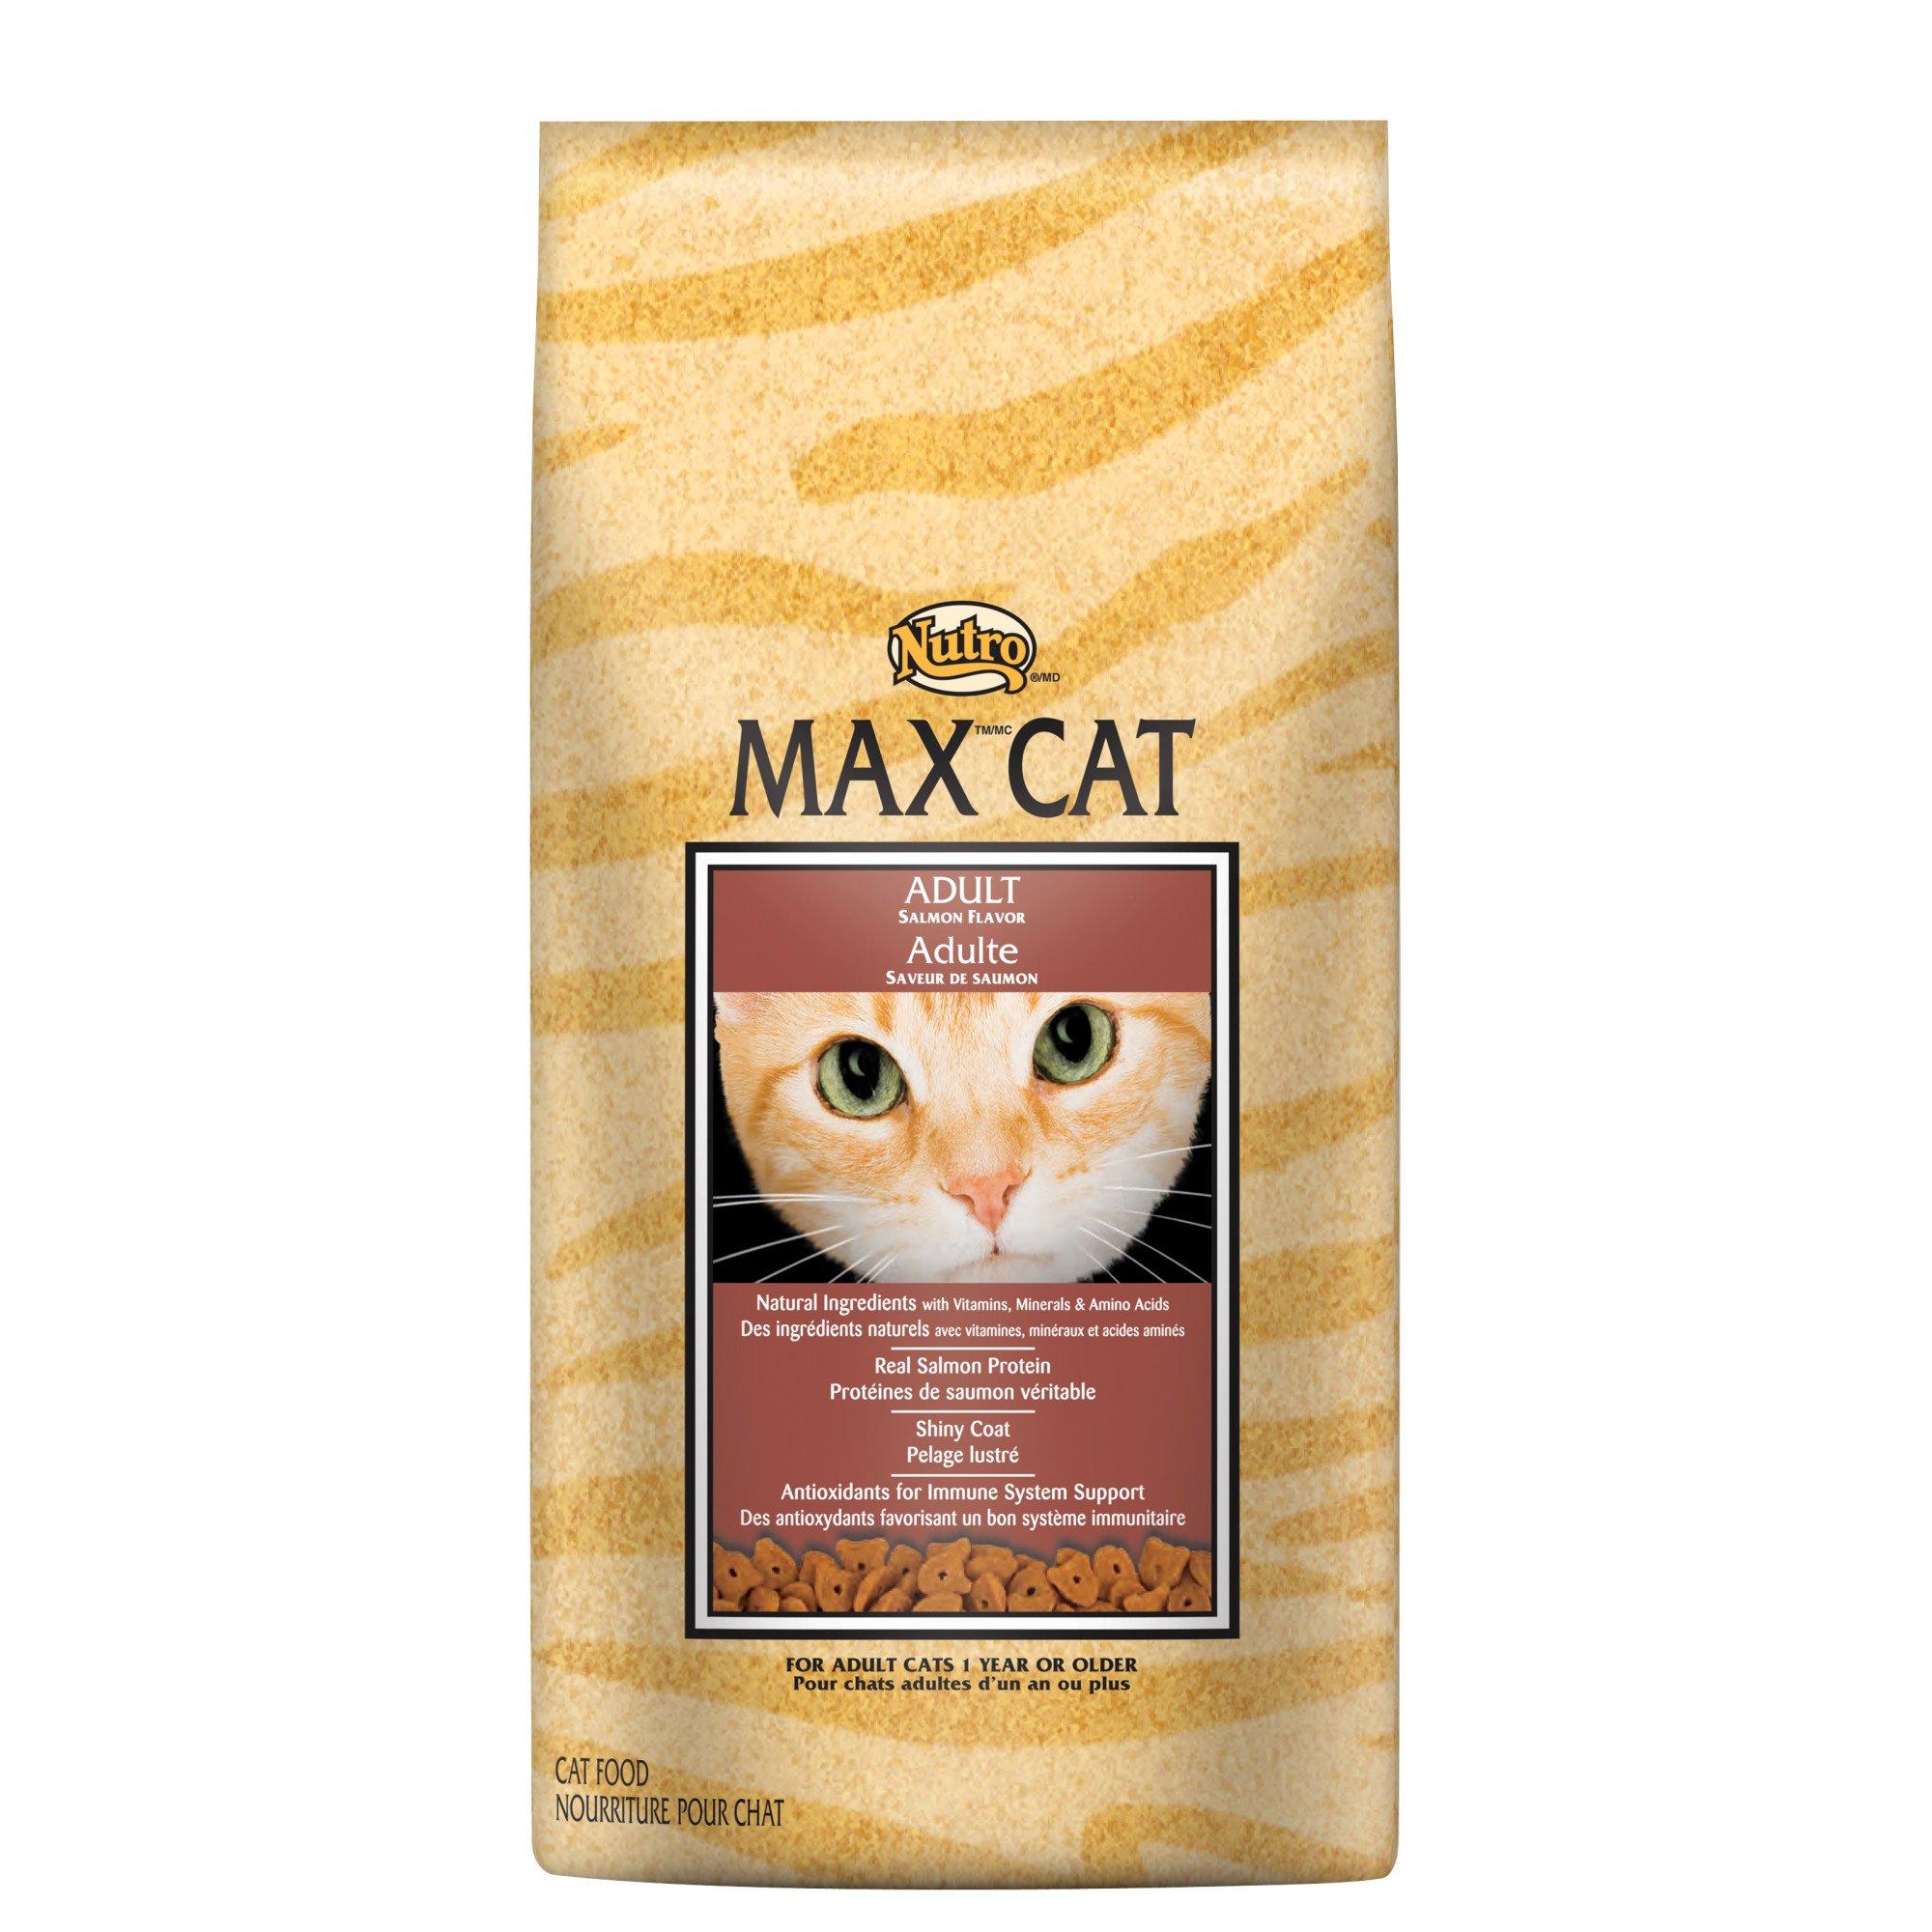 Nutro Cat Food Petco